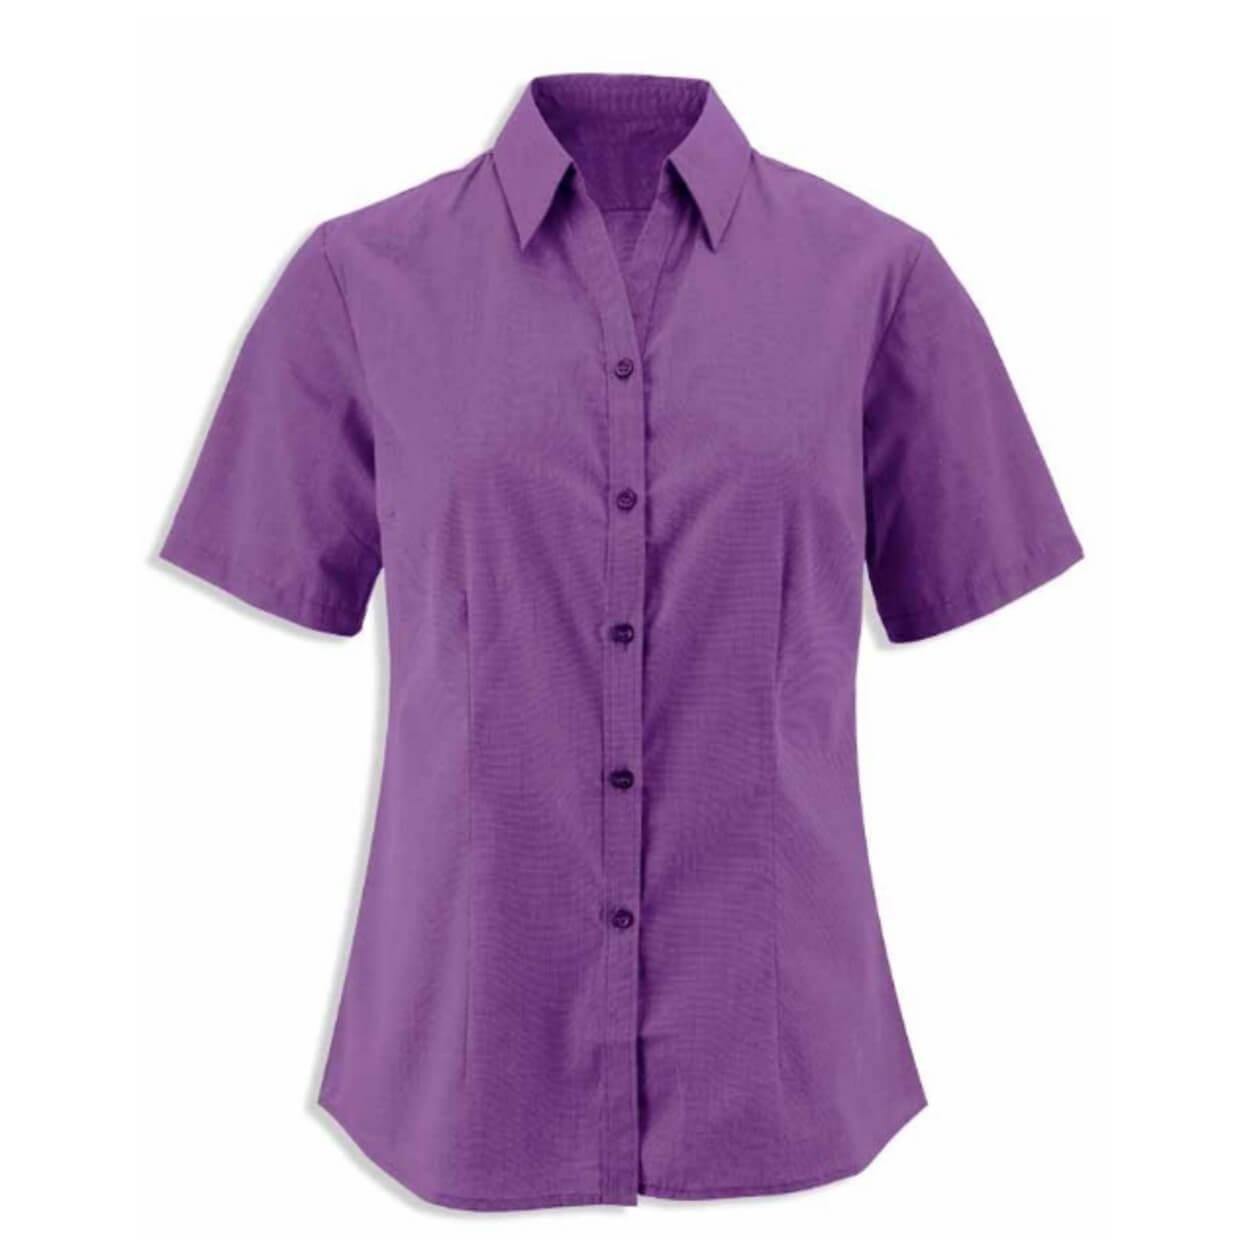 Γυναικείο υφασμάτινο πουκάμισο με κοντό μανίκι